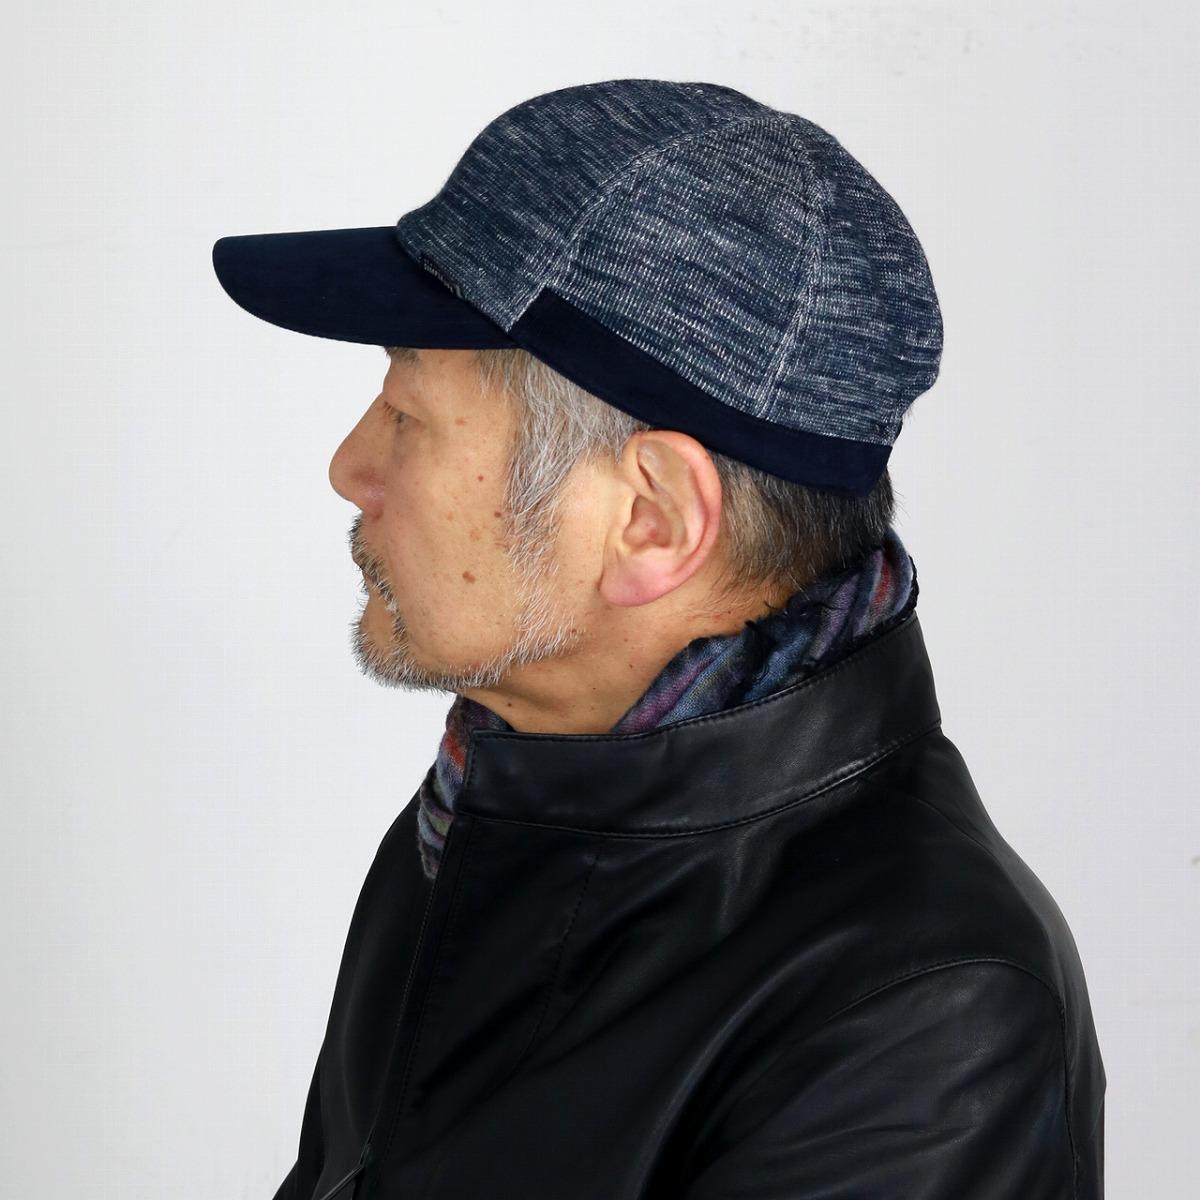 Elehelm Hat Store Simple Life Cap Men Simple Life 6 Cap